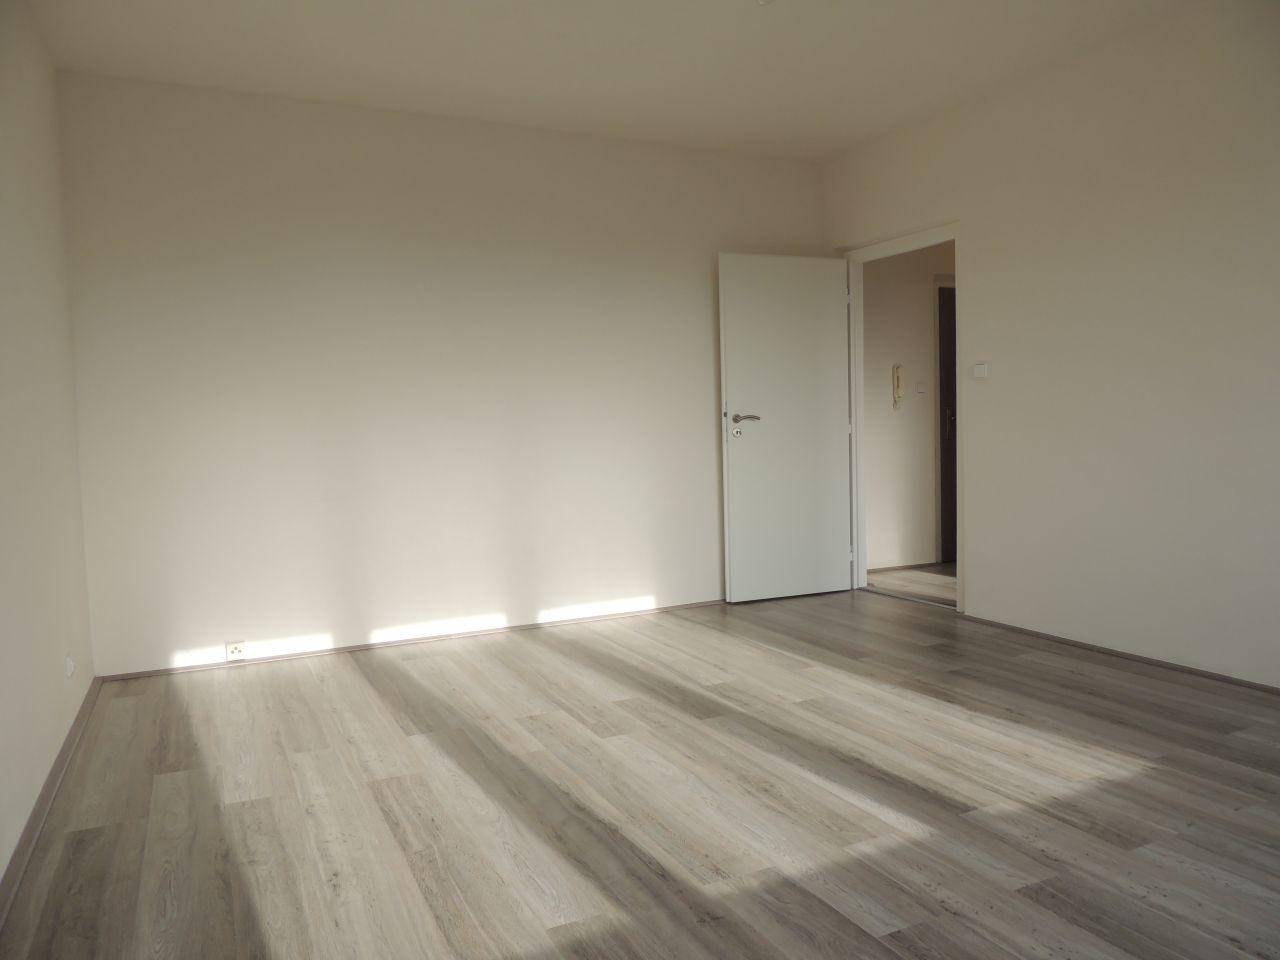 Pronájem bytu 1+1 40 m2, ul. Jugoslávská 2847/55, Ostrava - Zábřeh